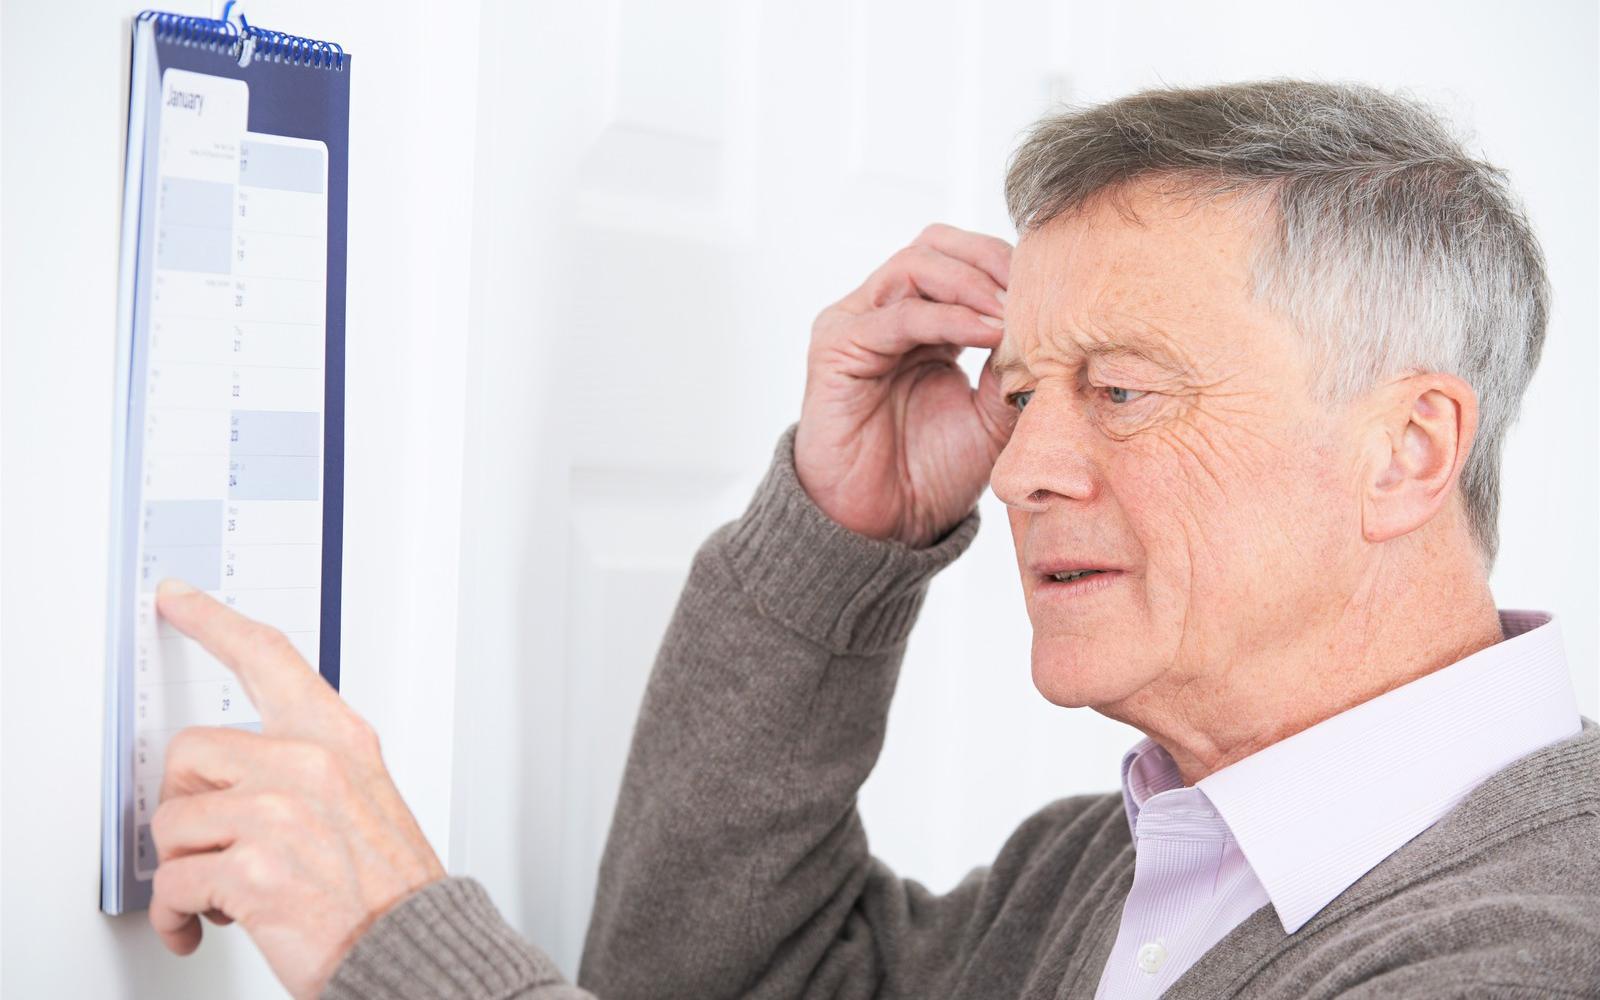 10 szabály a magas vérnyomás esetén urolesan és magas vérnyomás